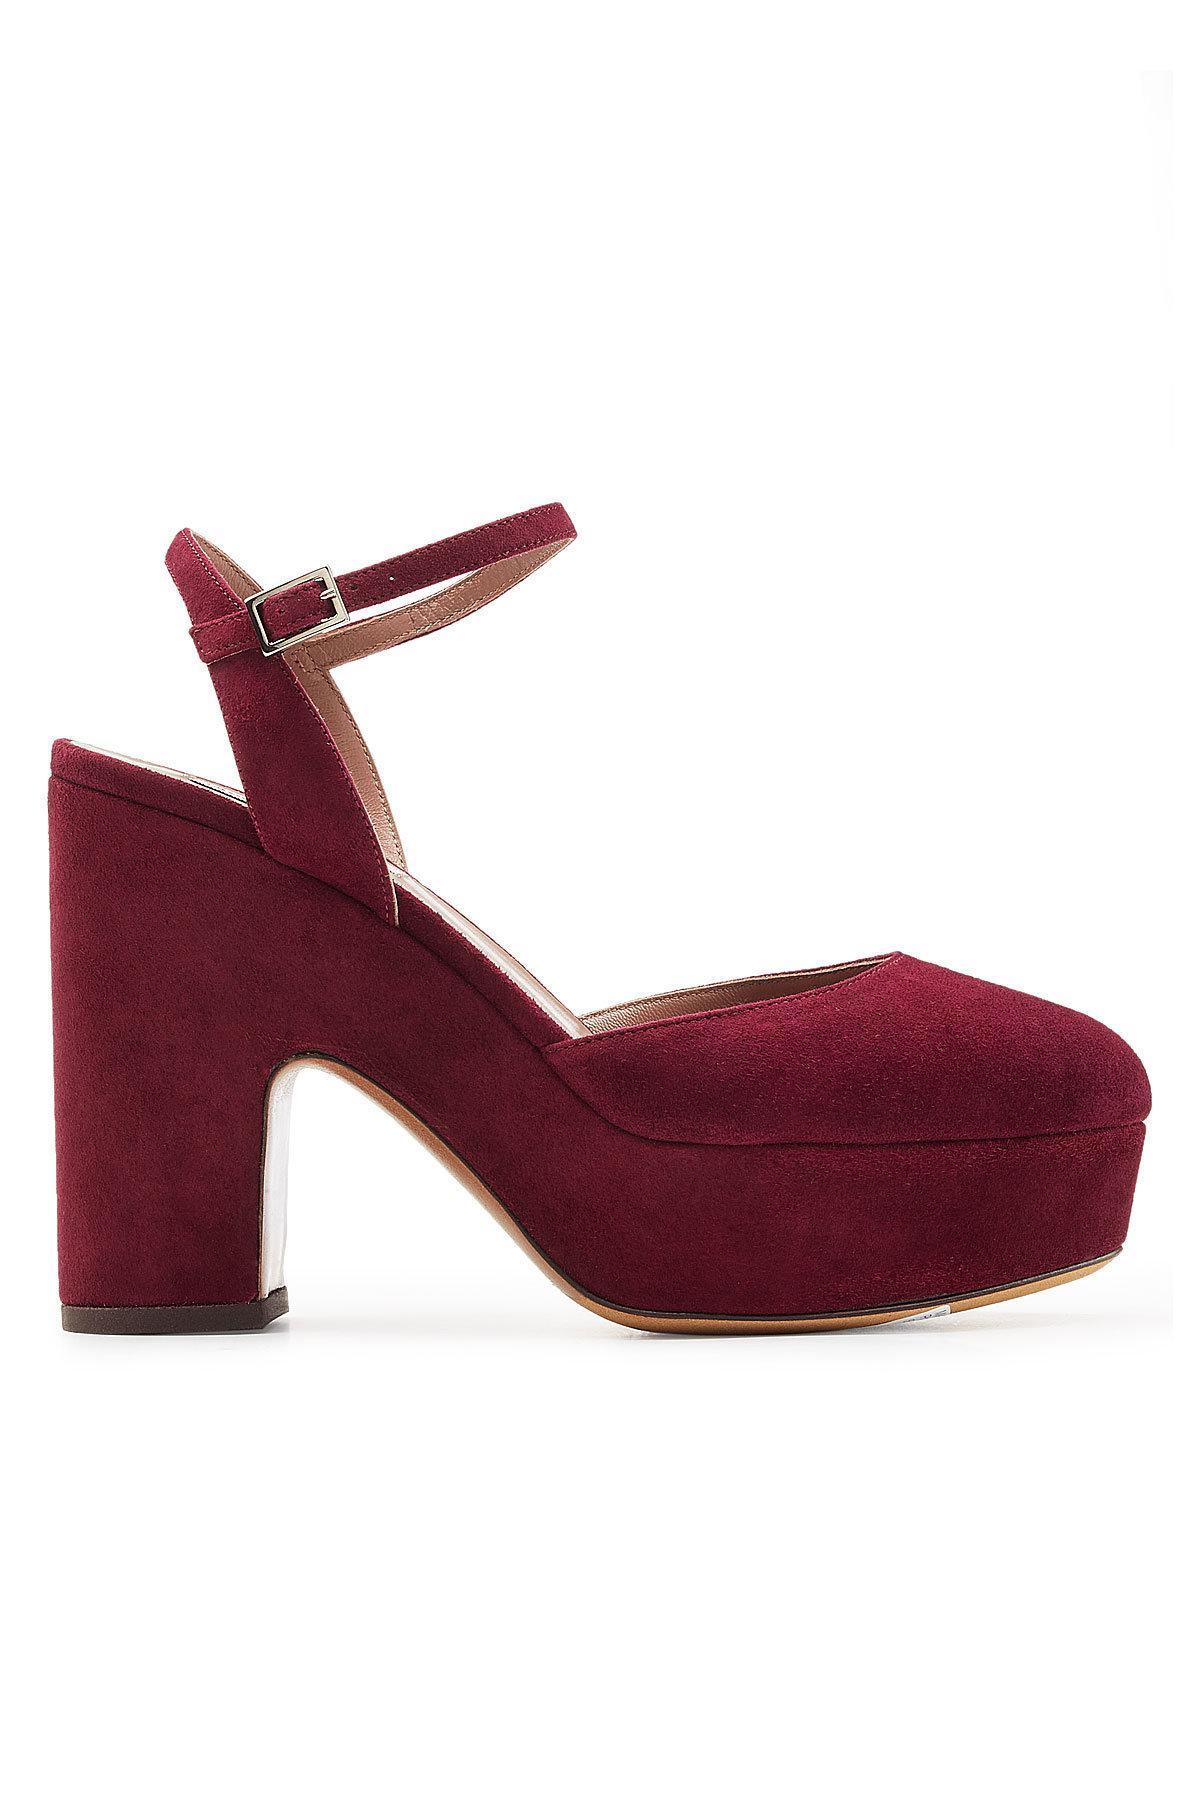 Tabitha Simmons Chaussures à talons plateforme et lanière cheville Grande Vente En Ligne Acheter Pas Cher Pas Cher ZvotXe1K8